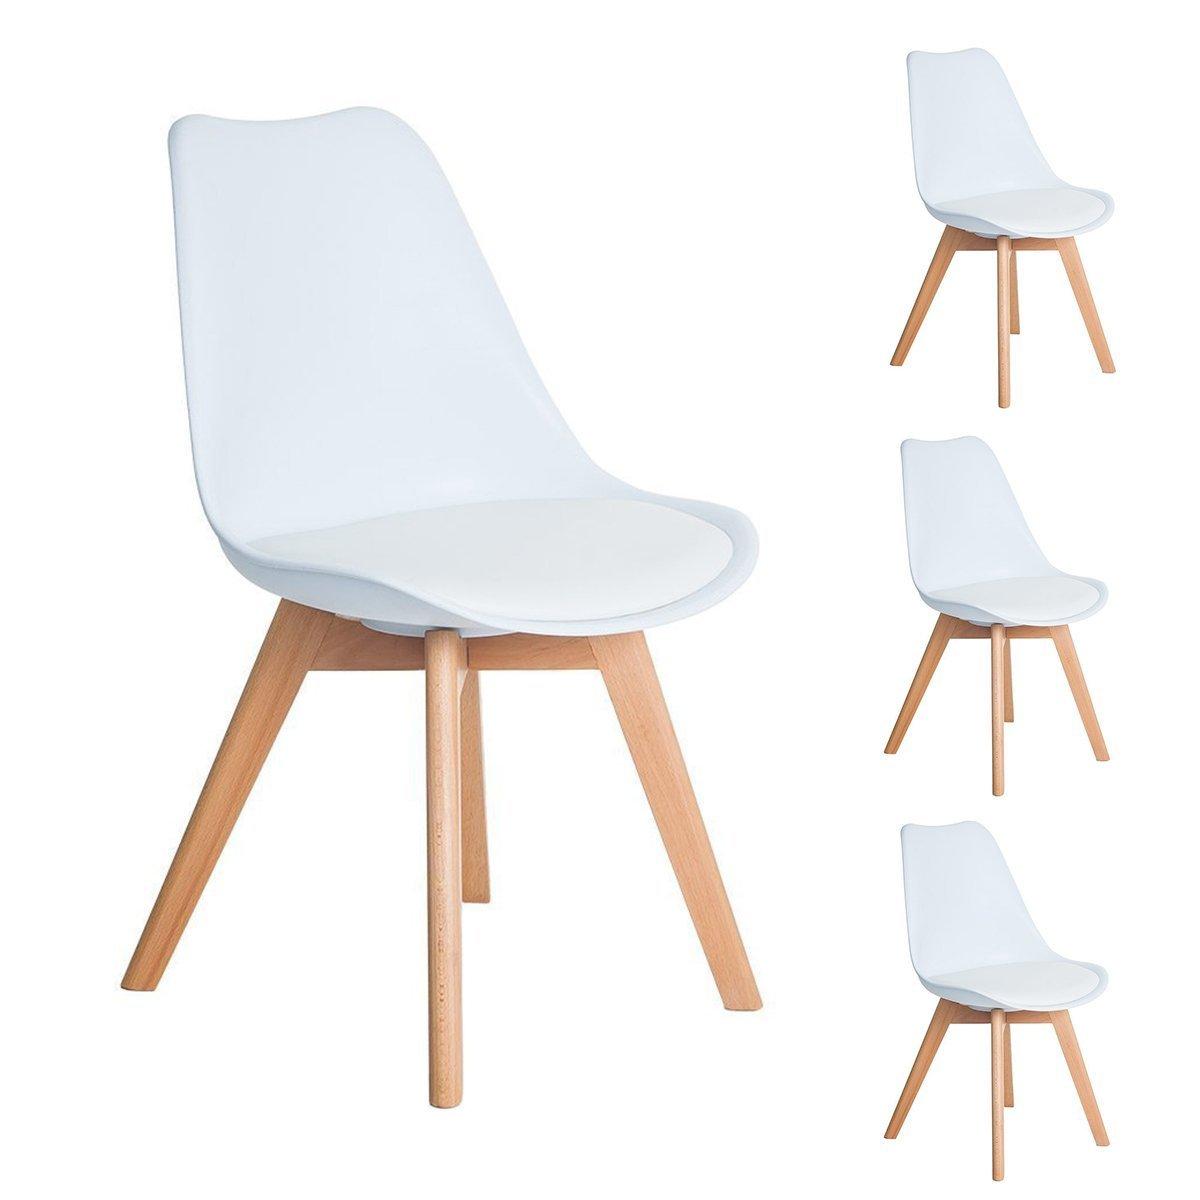 4er Set Esszimmerstühle mit Massivholz Buche Bein, Retro Design Gepolsterter lStuhl Küchenstuhl Holz, Weiß (54 x 48 x 83 CM)